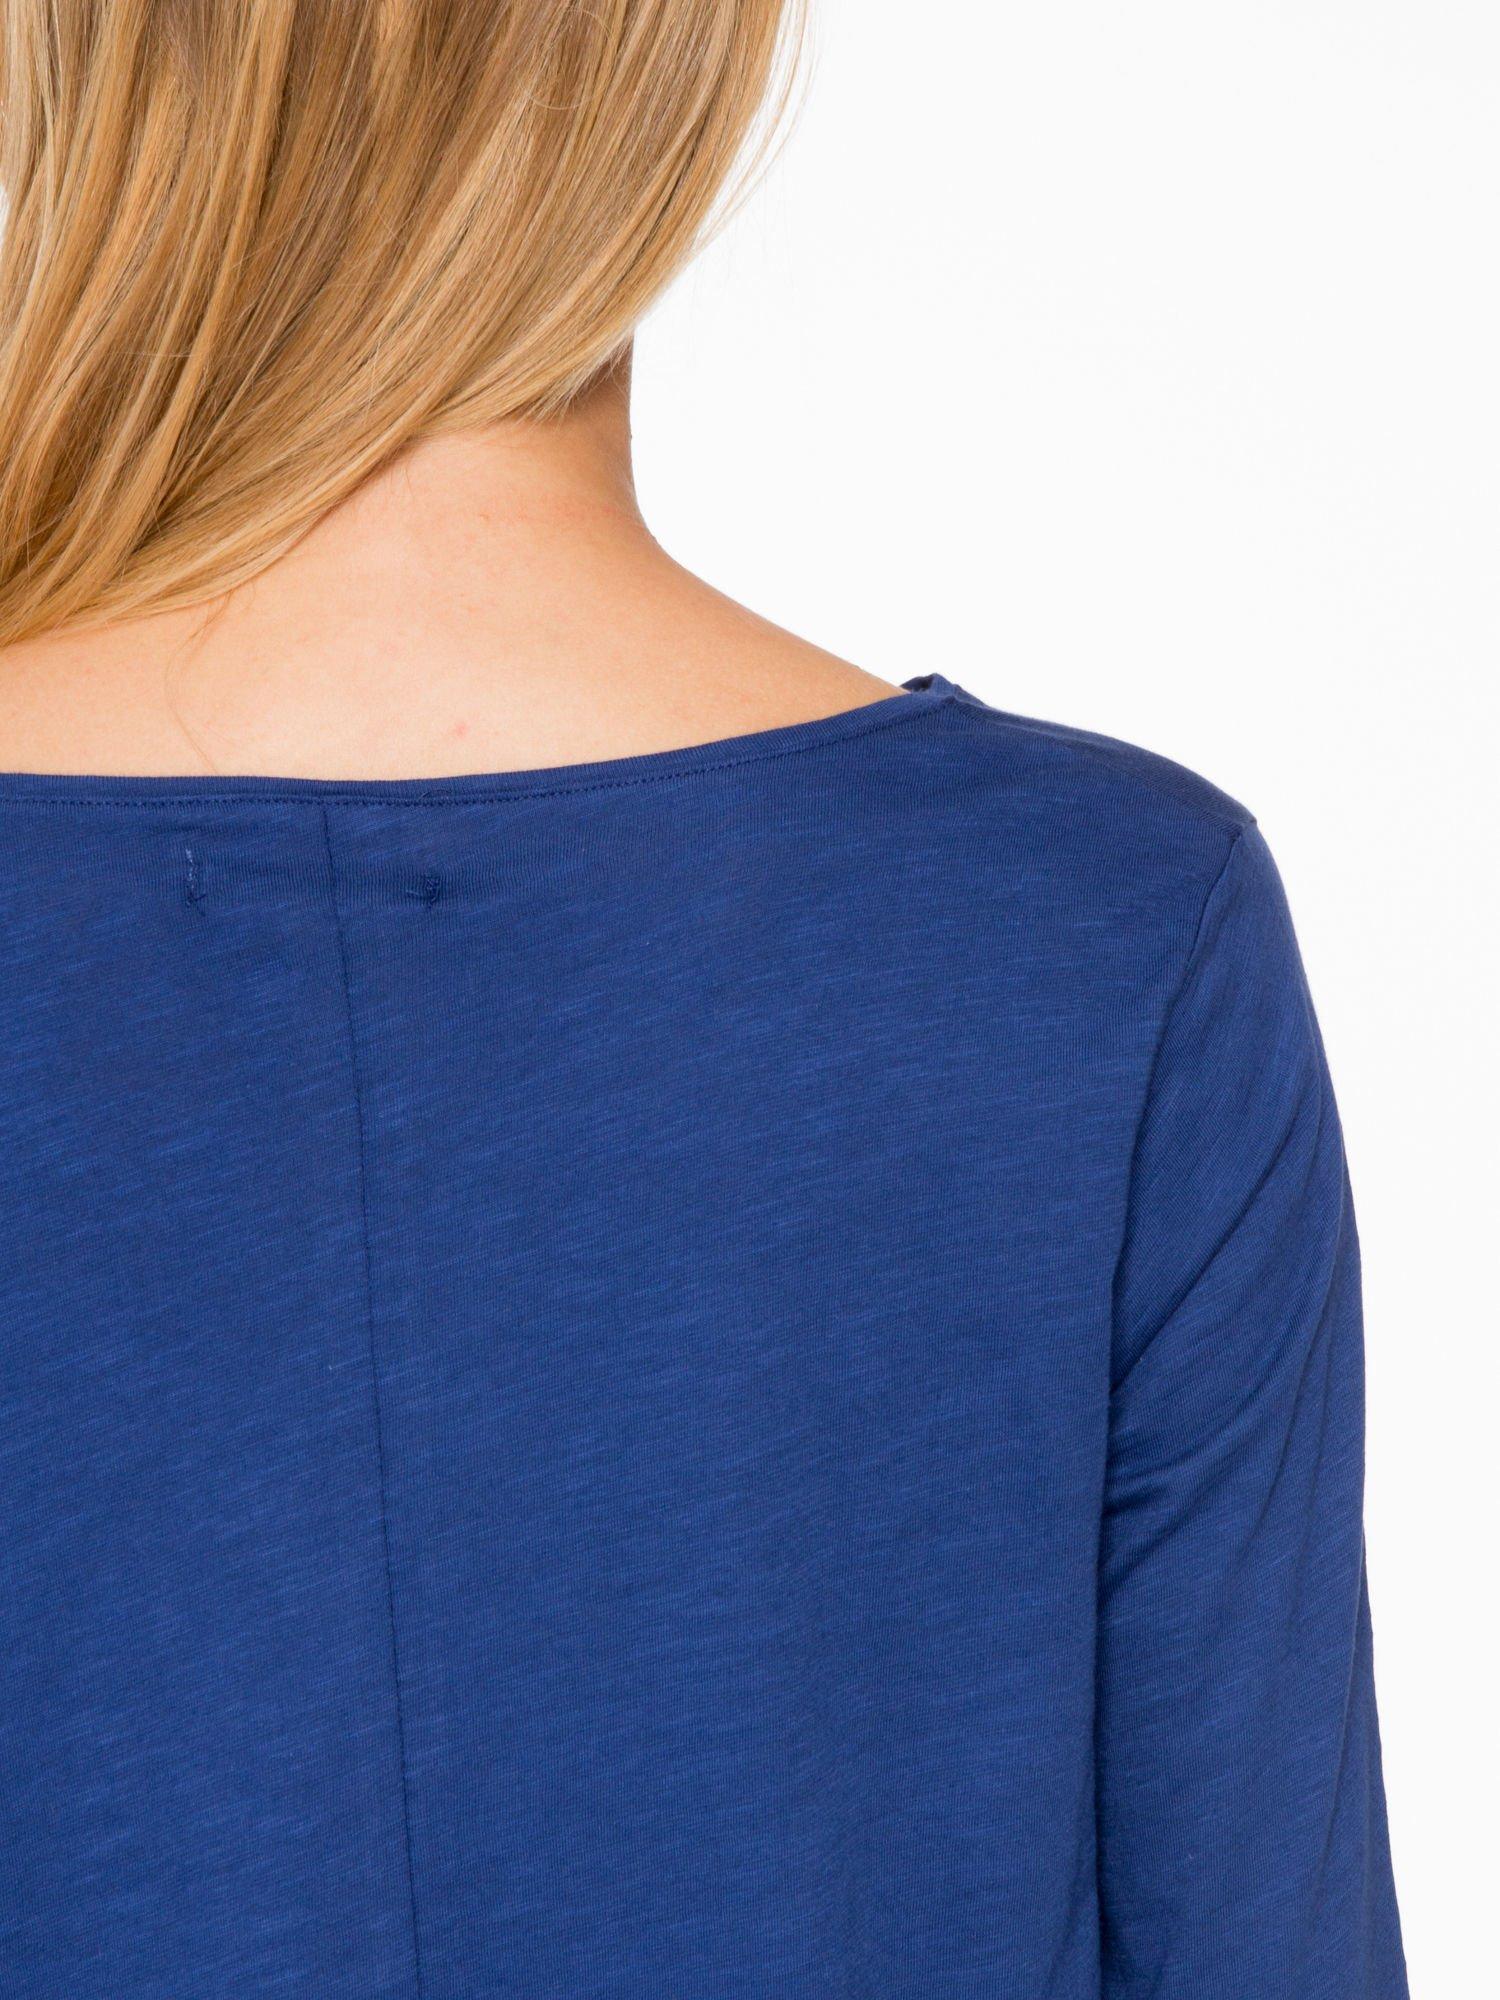 Granatowa bluzka o rozkloszowanym kroju z rękawem 3/4                                  zdj.                                  8